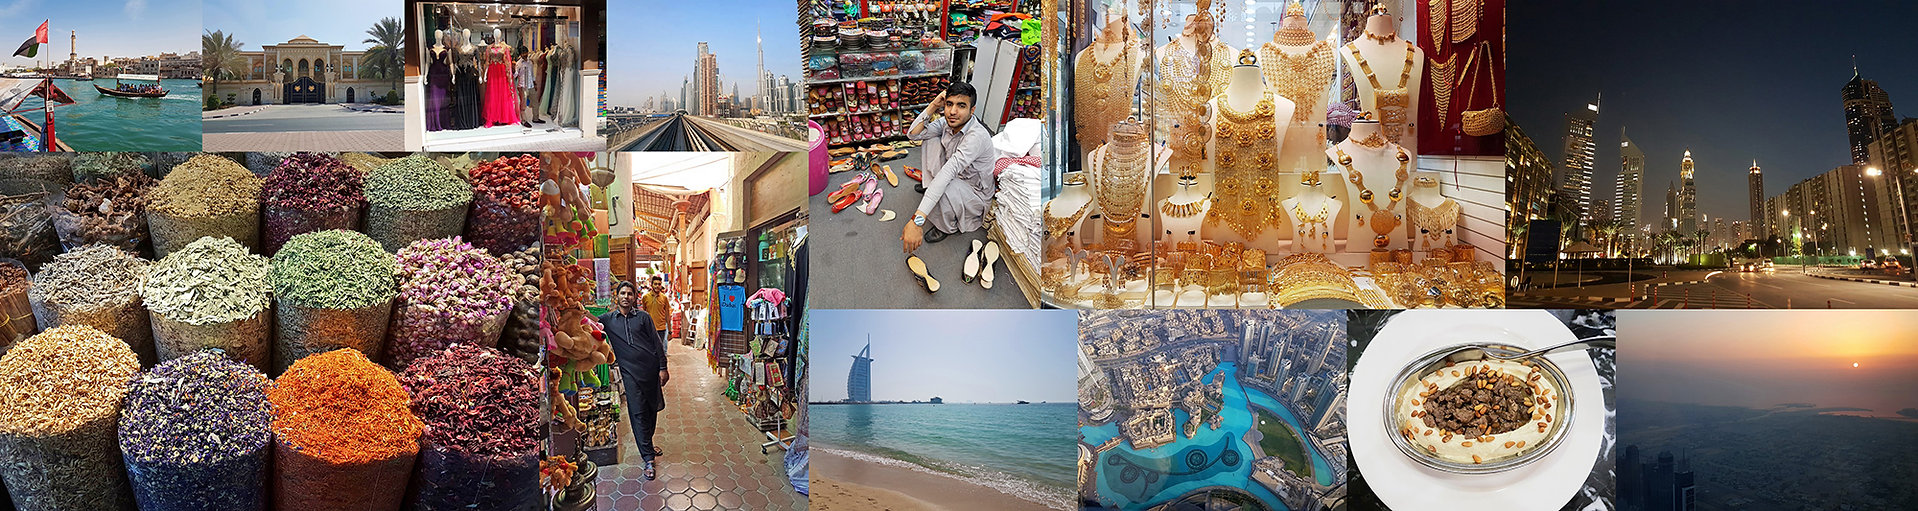 Poznávací zájezdy a dovolená ve Spojených arabských emirátech.